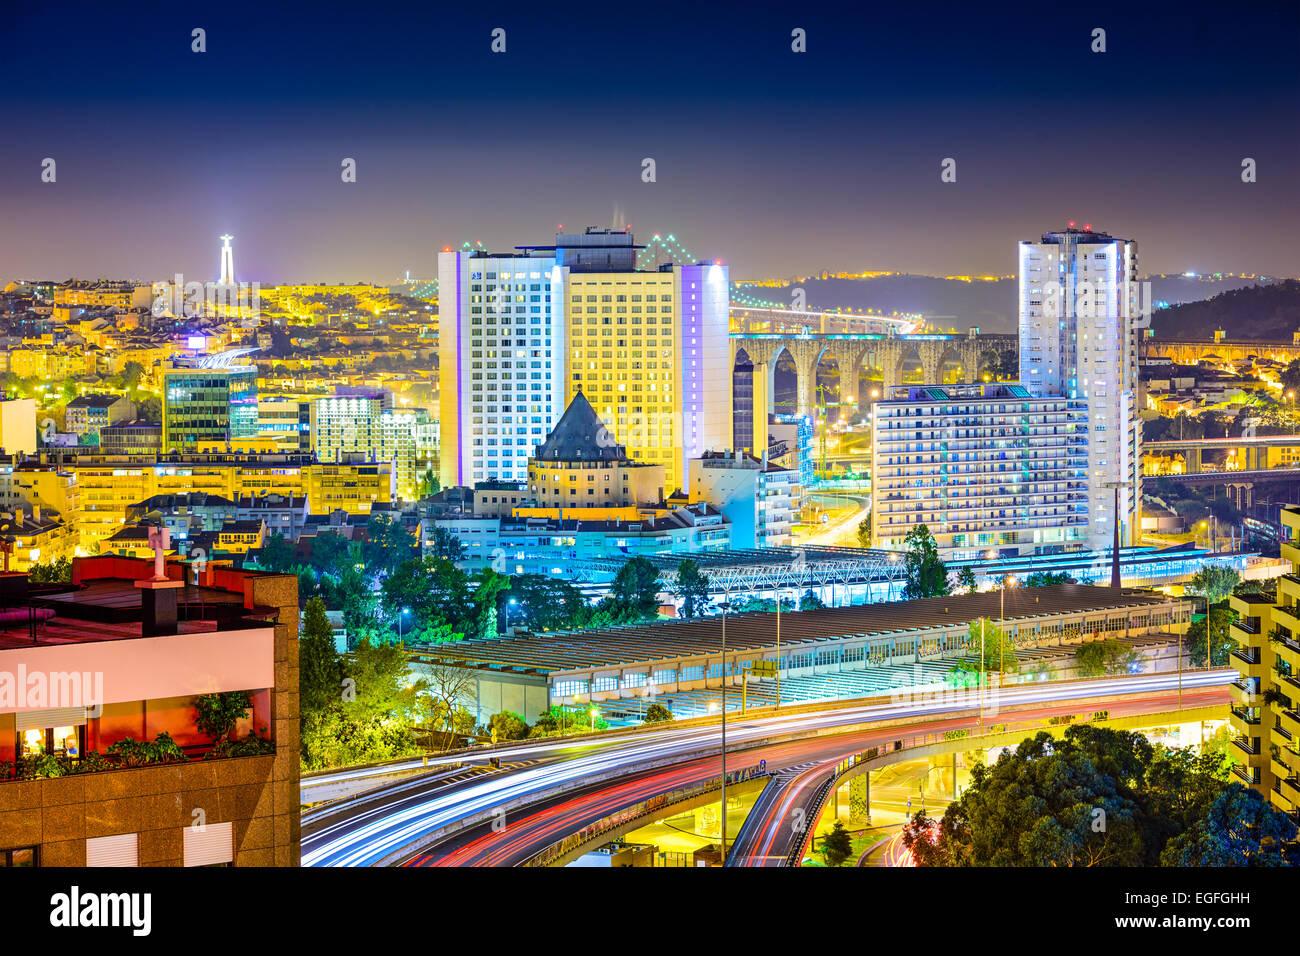 Lisbonne, Portugal paysage urbain dans le nouveau quartier financier. Photo Stock